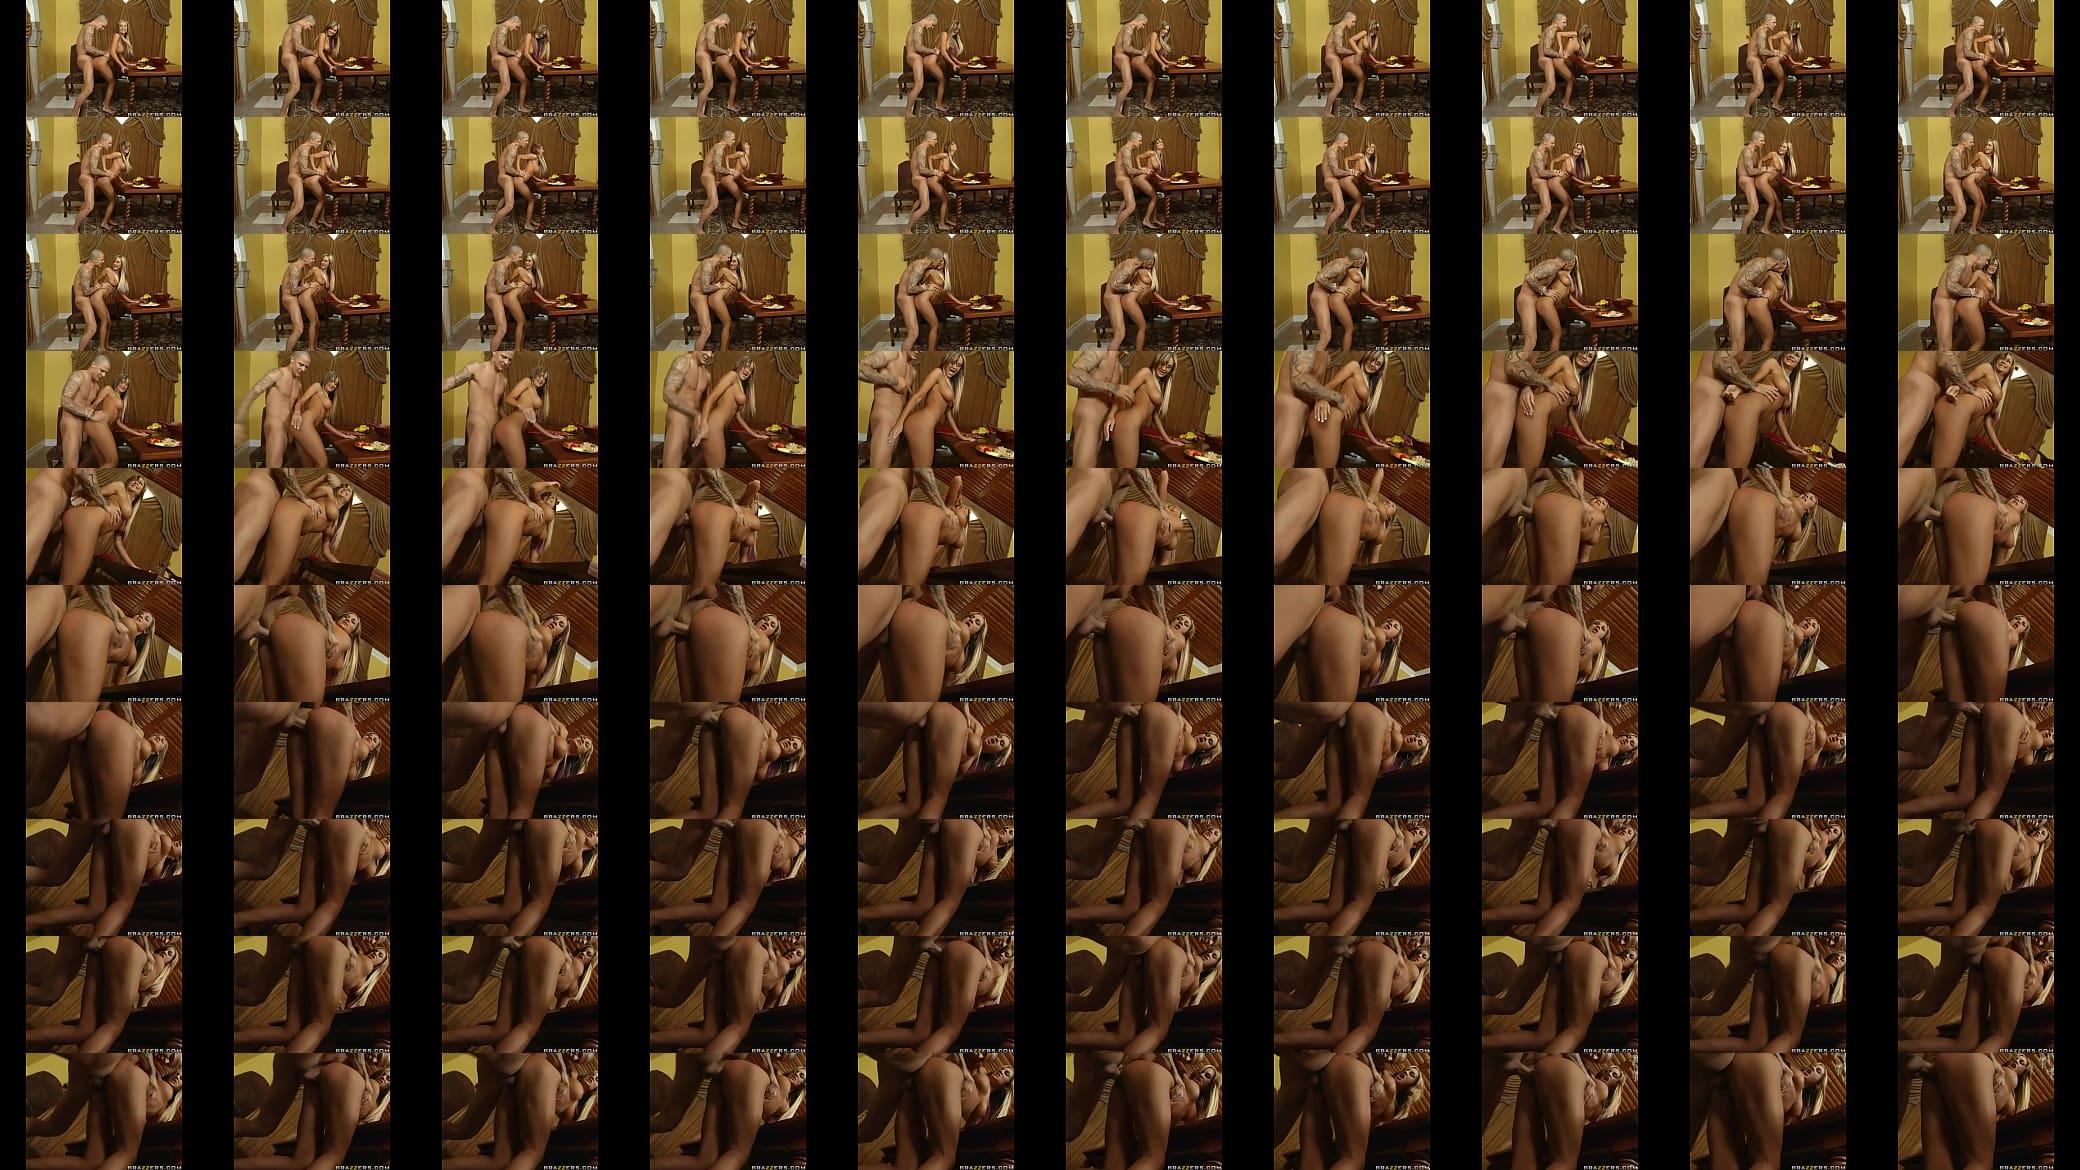 Buceta Da Claudia Leite claudia leite - xvideos